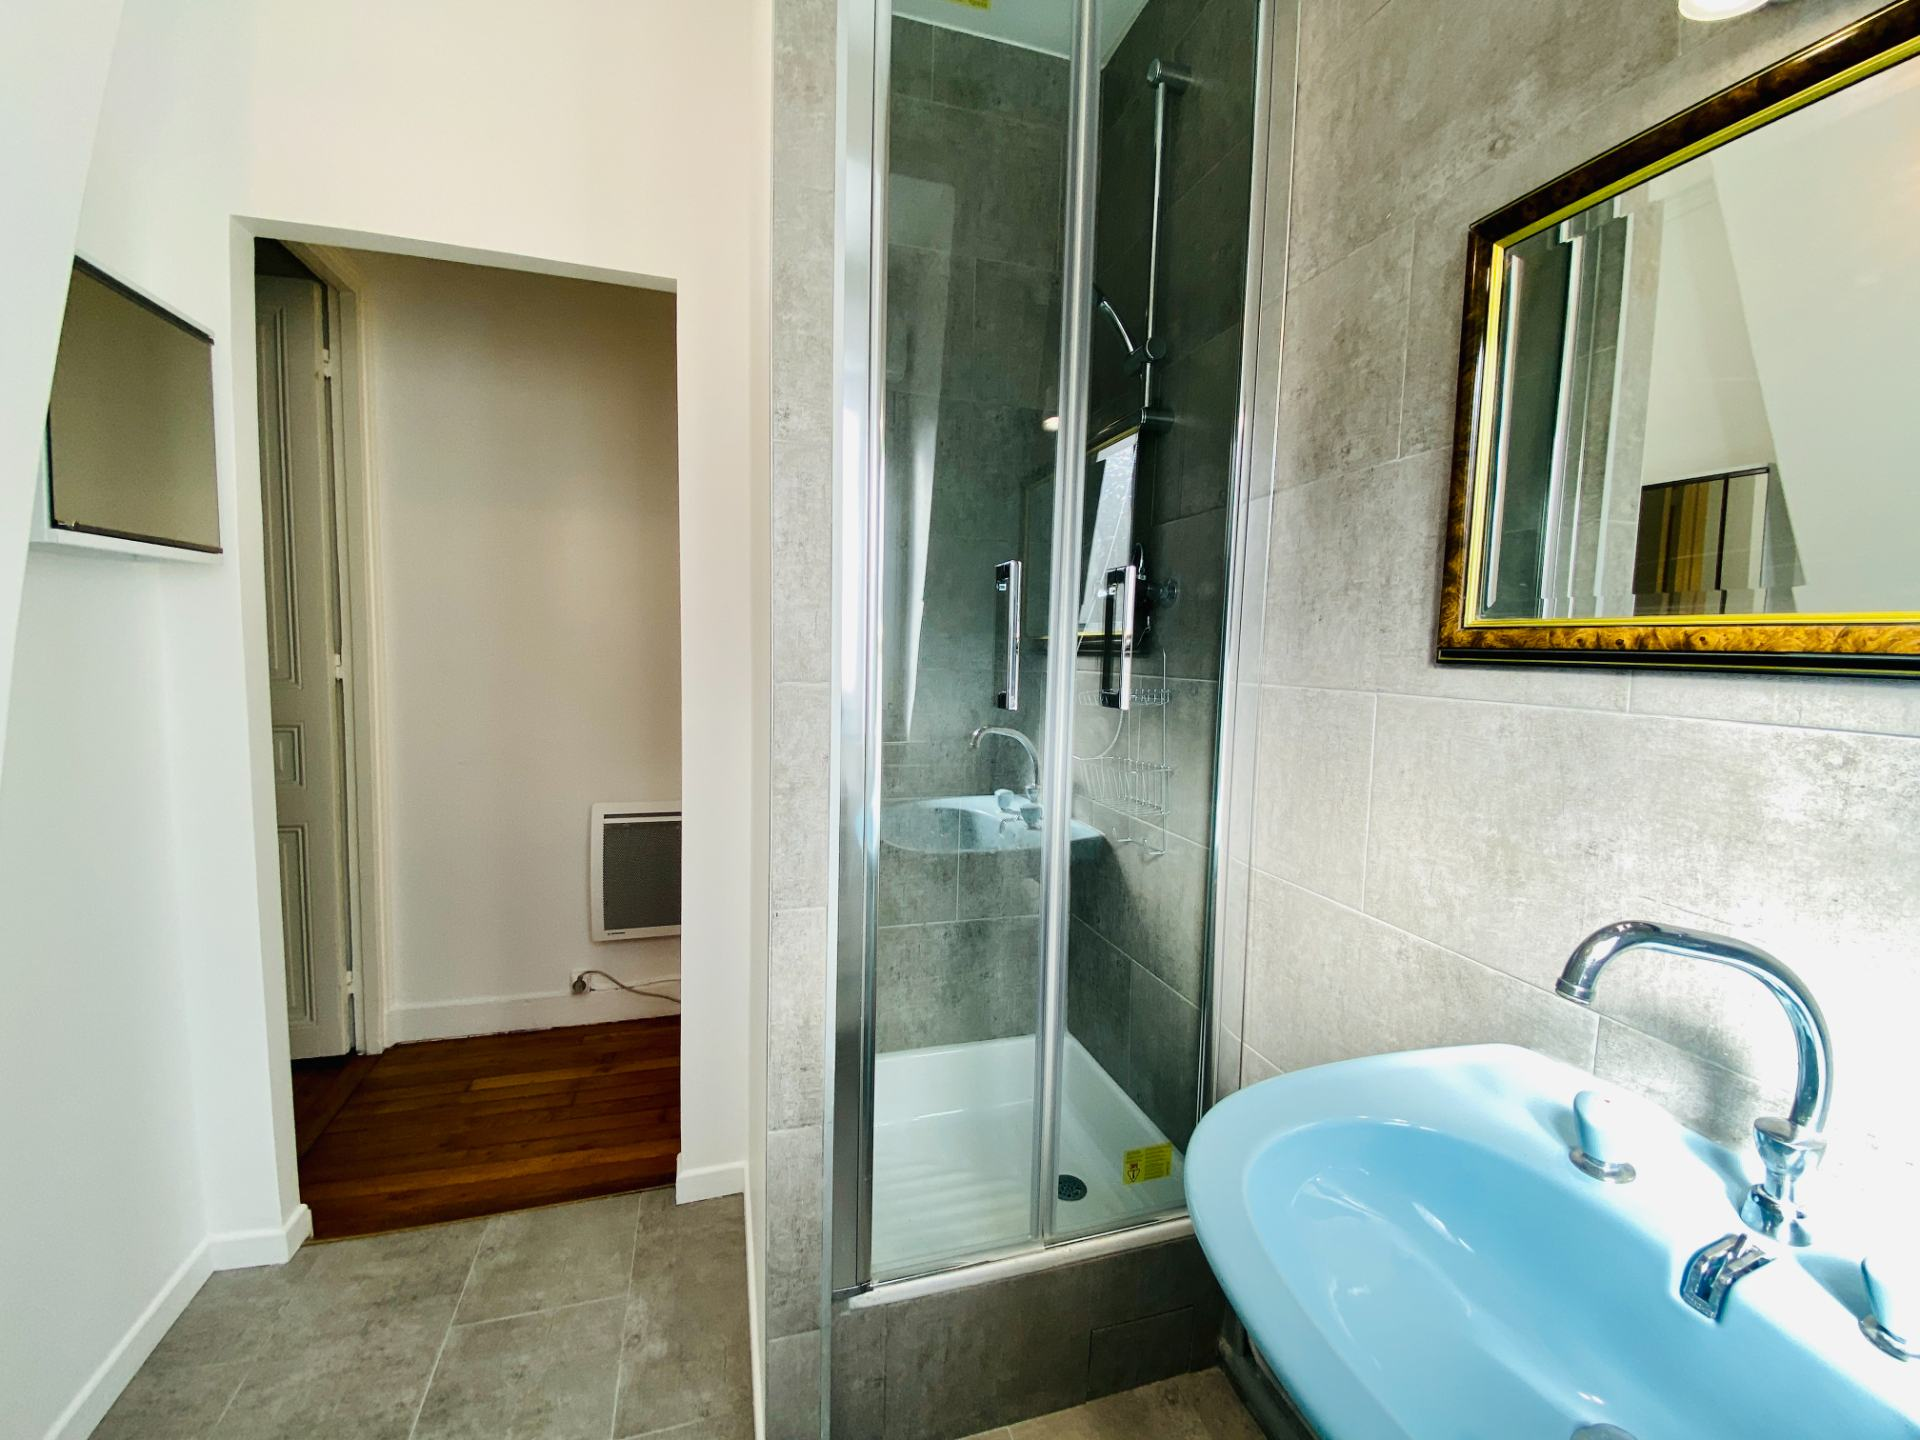 Appartement Paris 2 pièces meublé 32 m2 8